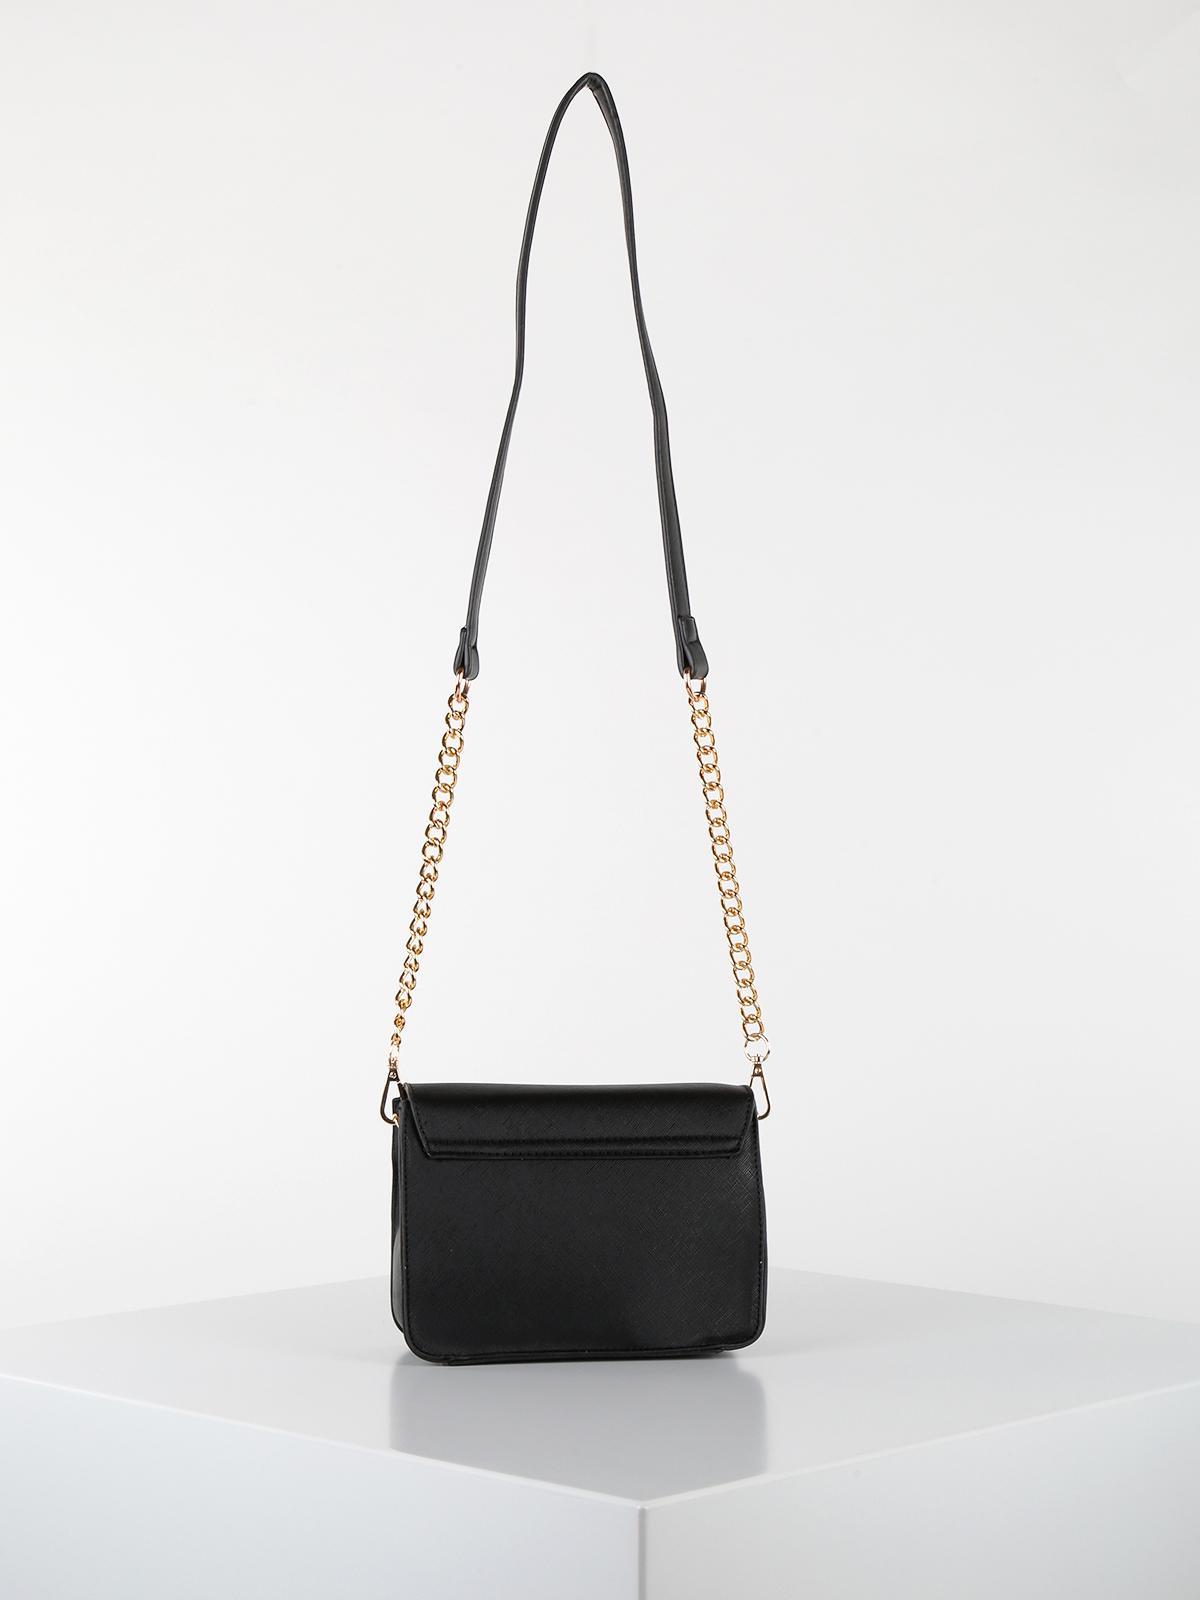 nuovo stile bedf0 cefe4 Borsa tracolla nera con borchie e strass baci & abbracci ...